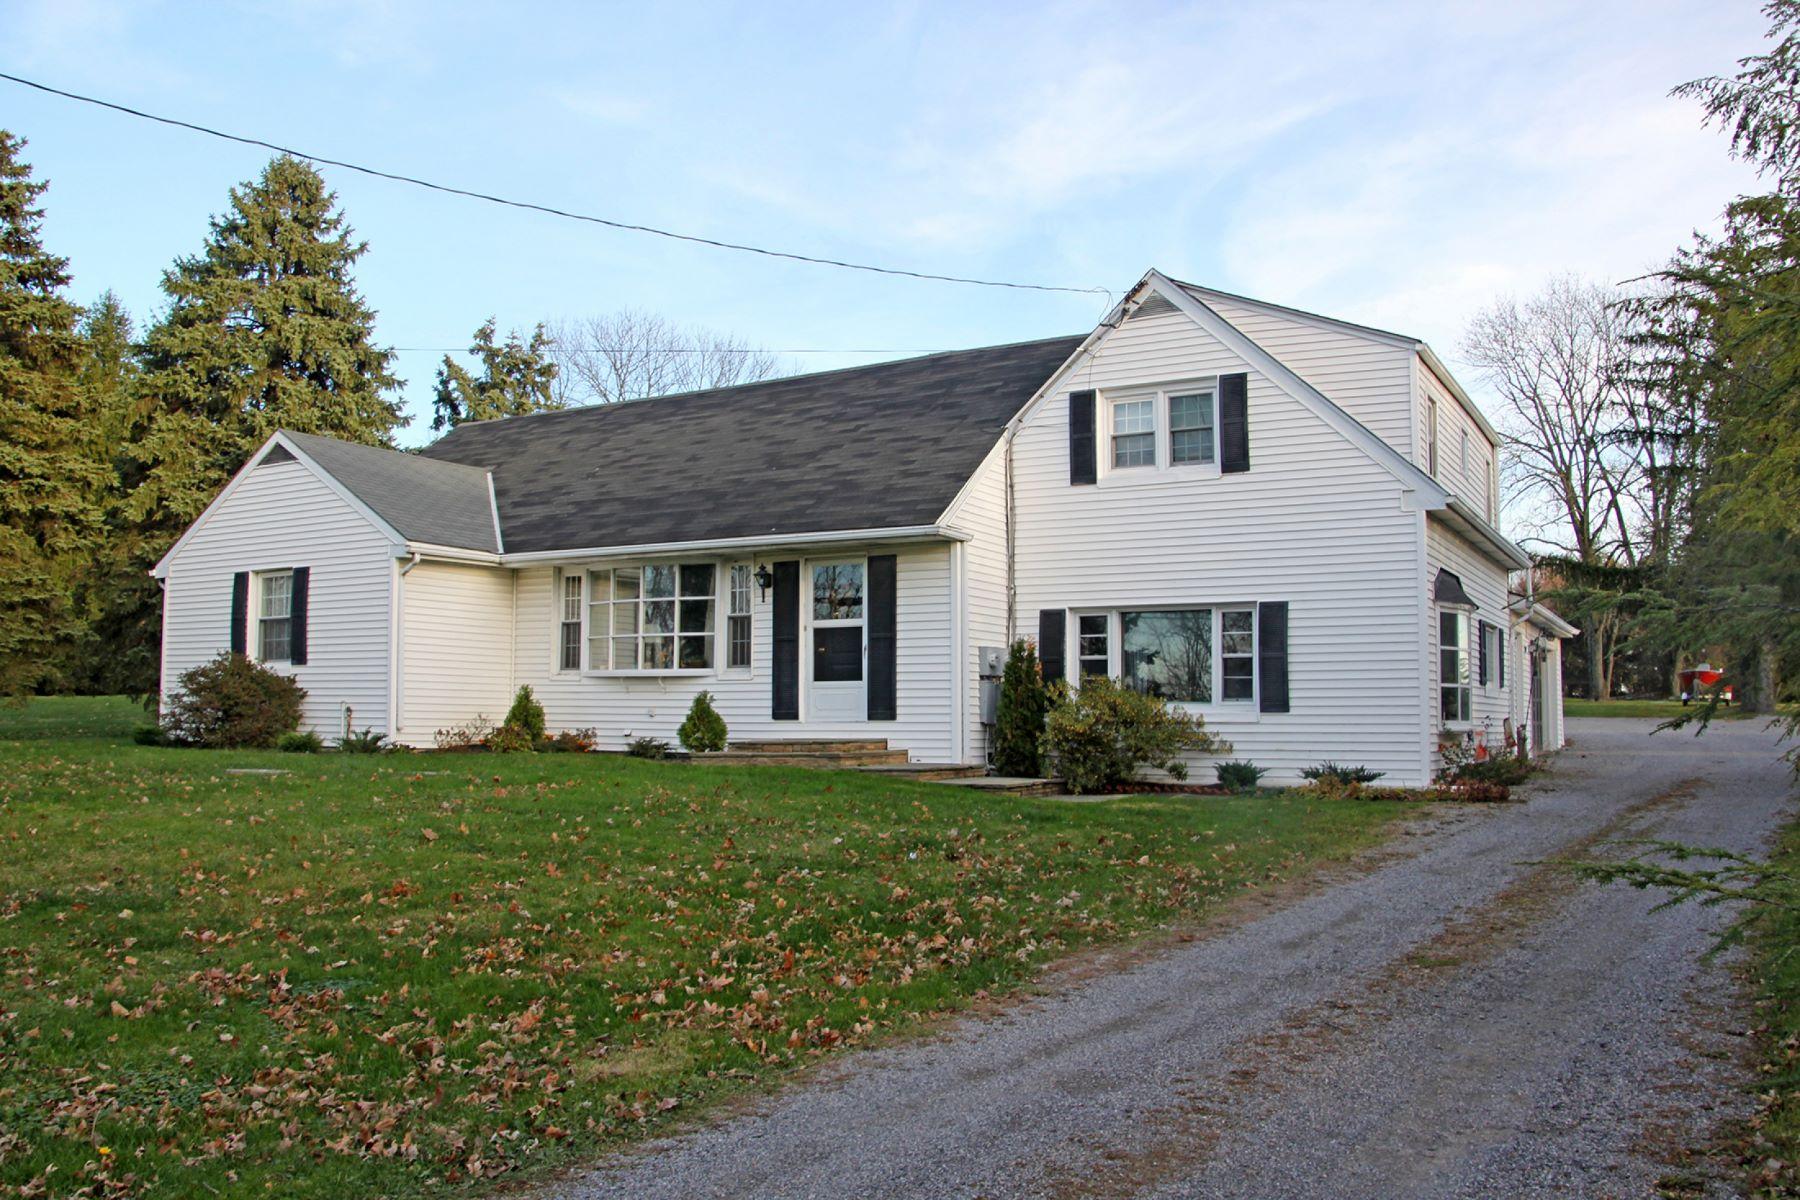 Maison unifamiliale pour l Vente à Investment Opportunity 5274 POINT PLEASANT PIKE Doylestown, Pennsylvanie, 18902 États-Unis